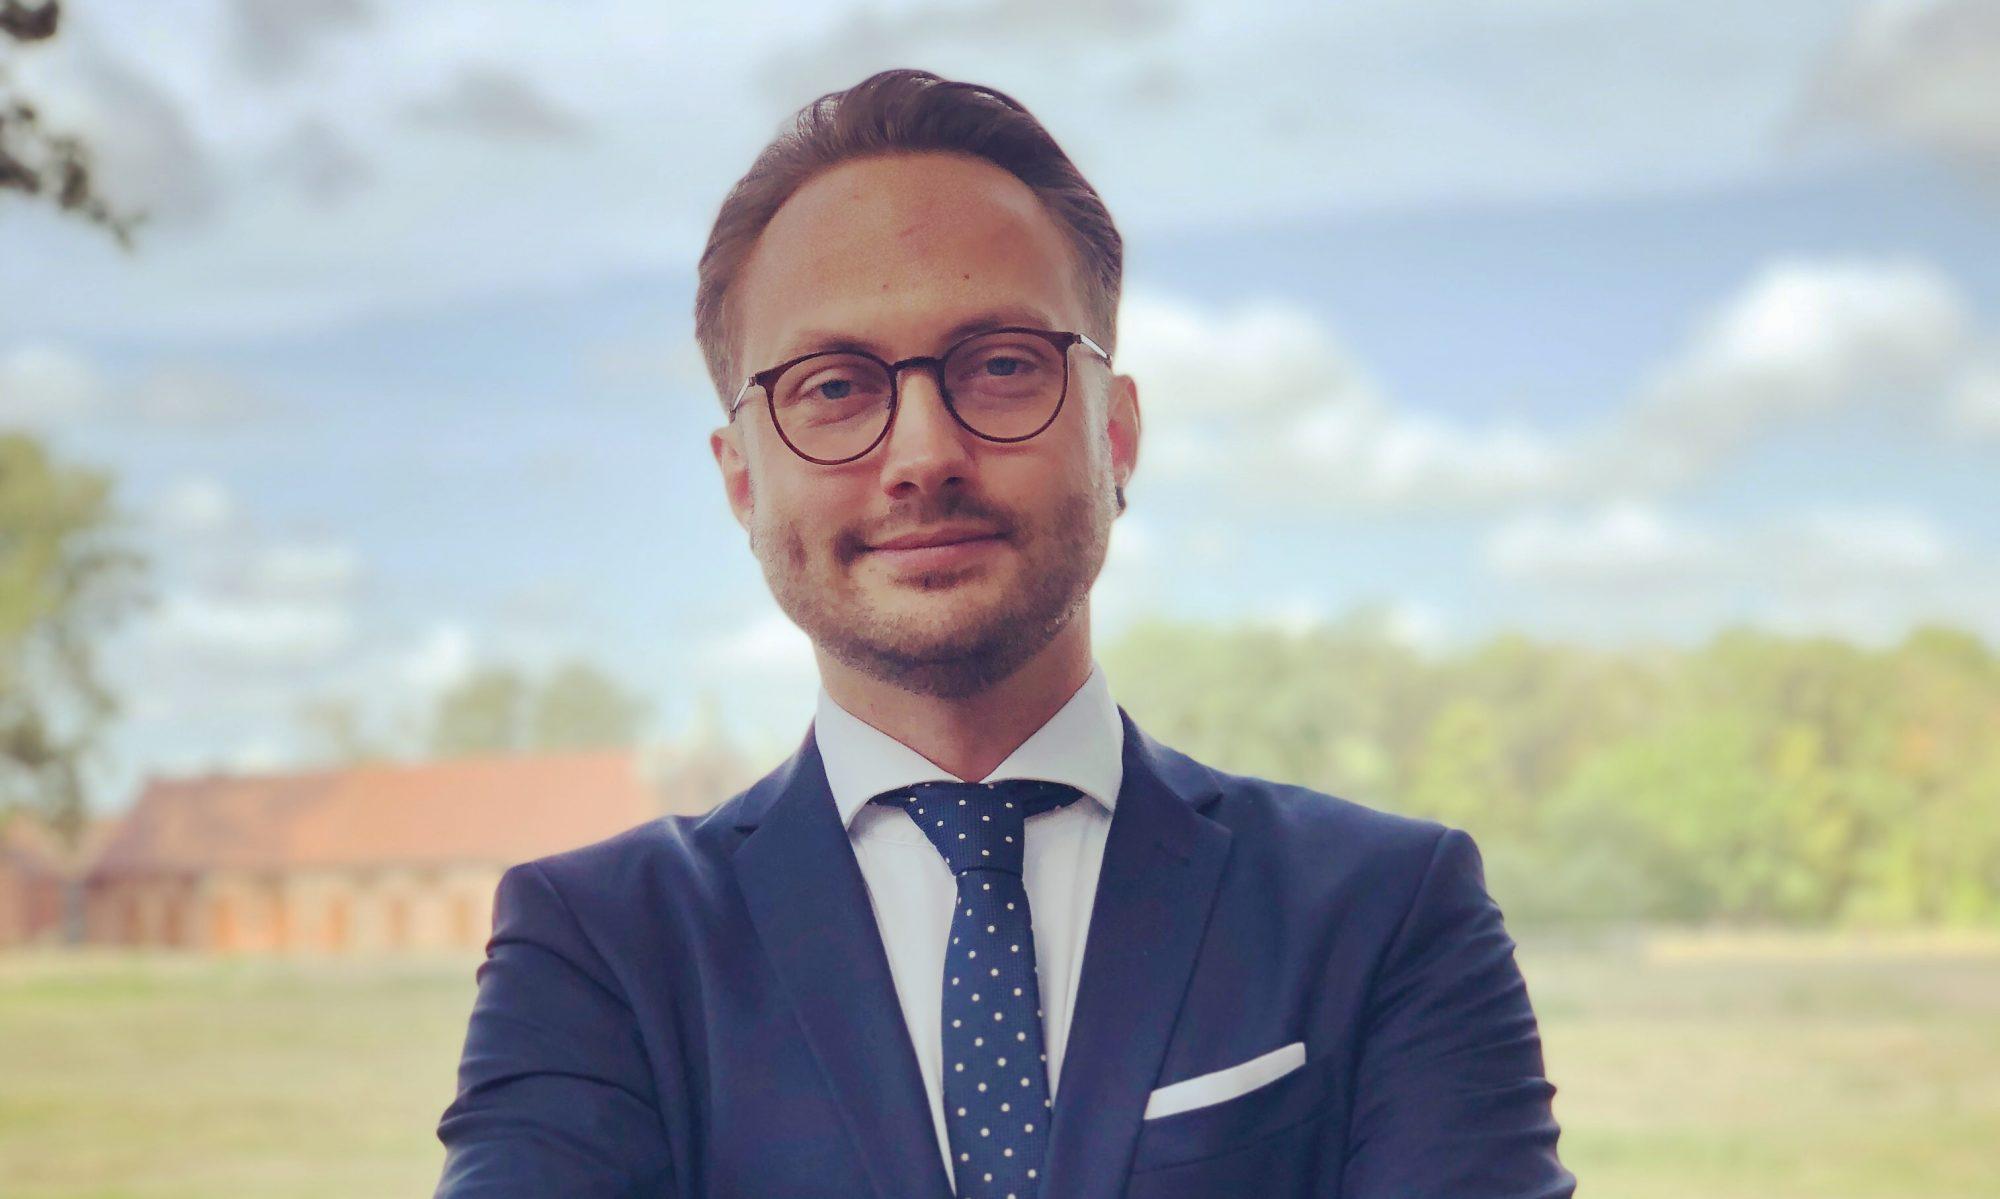 Stefan Krabbes